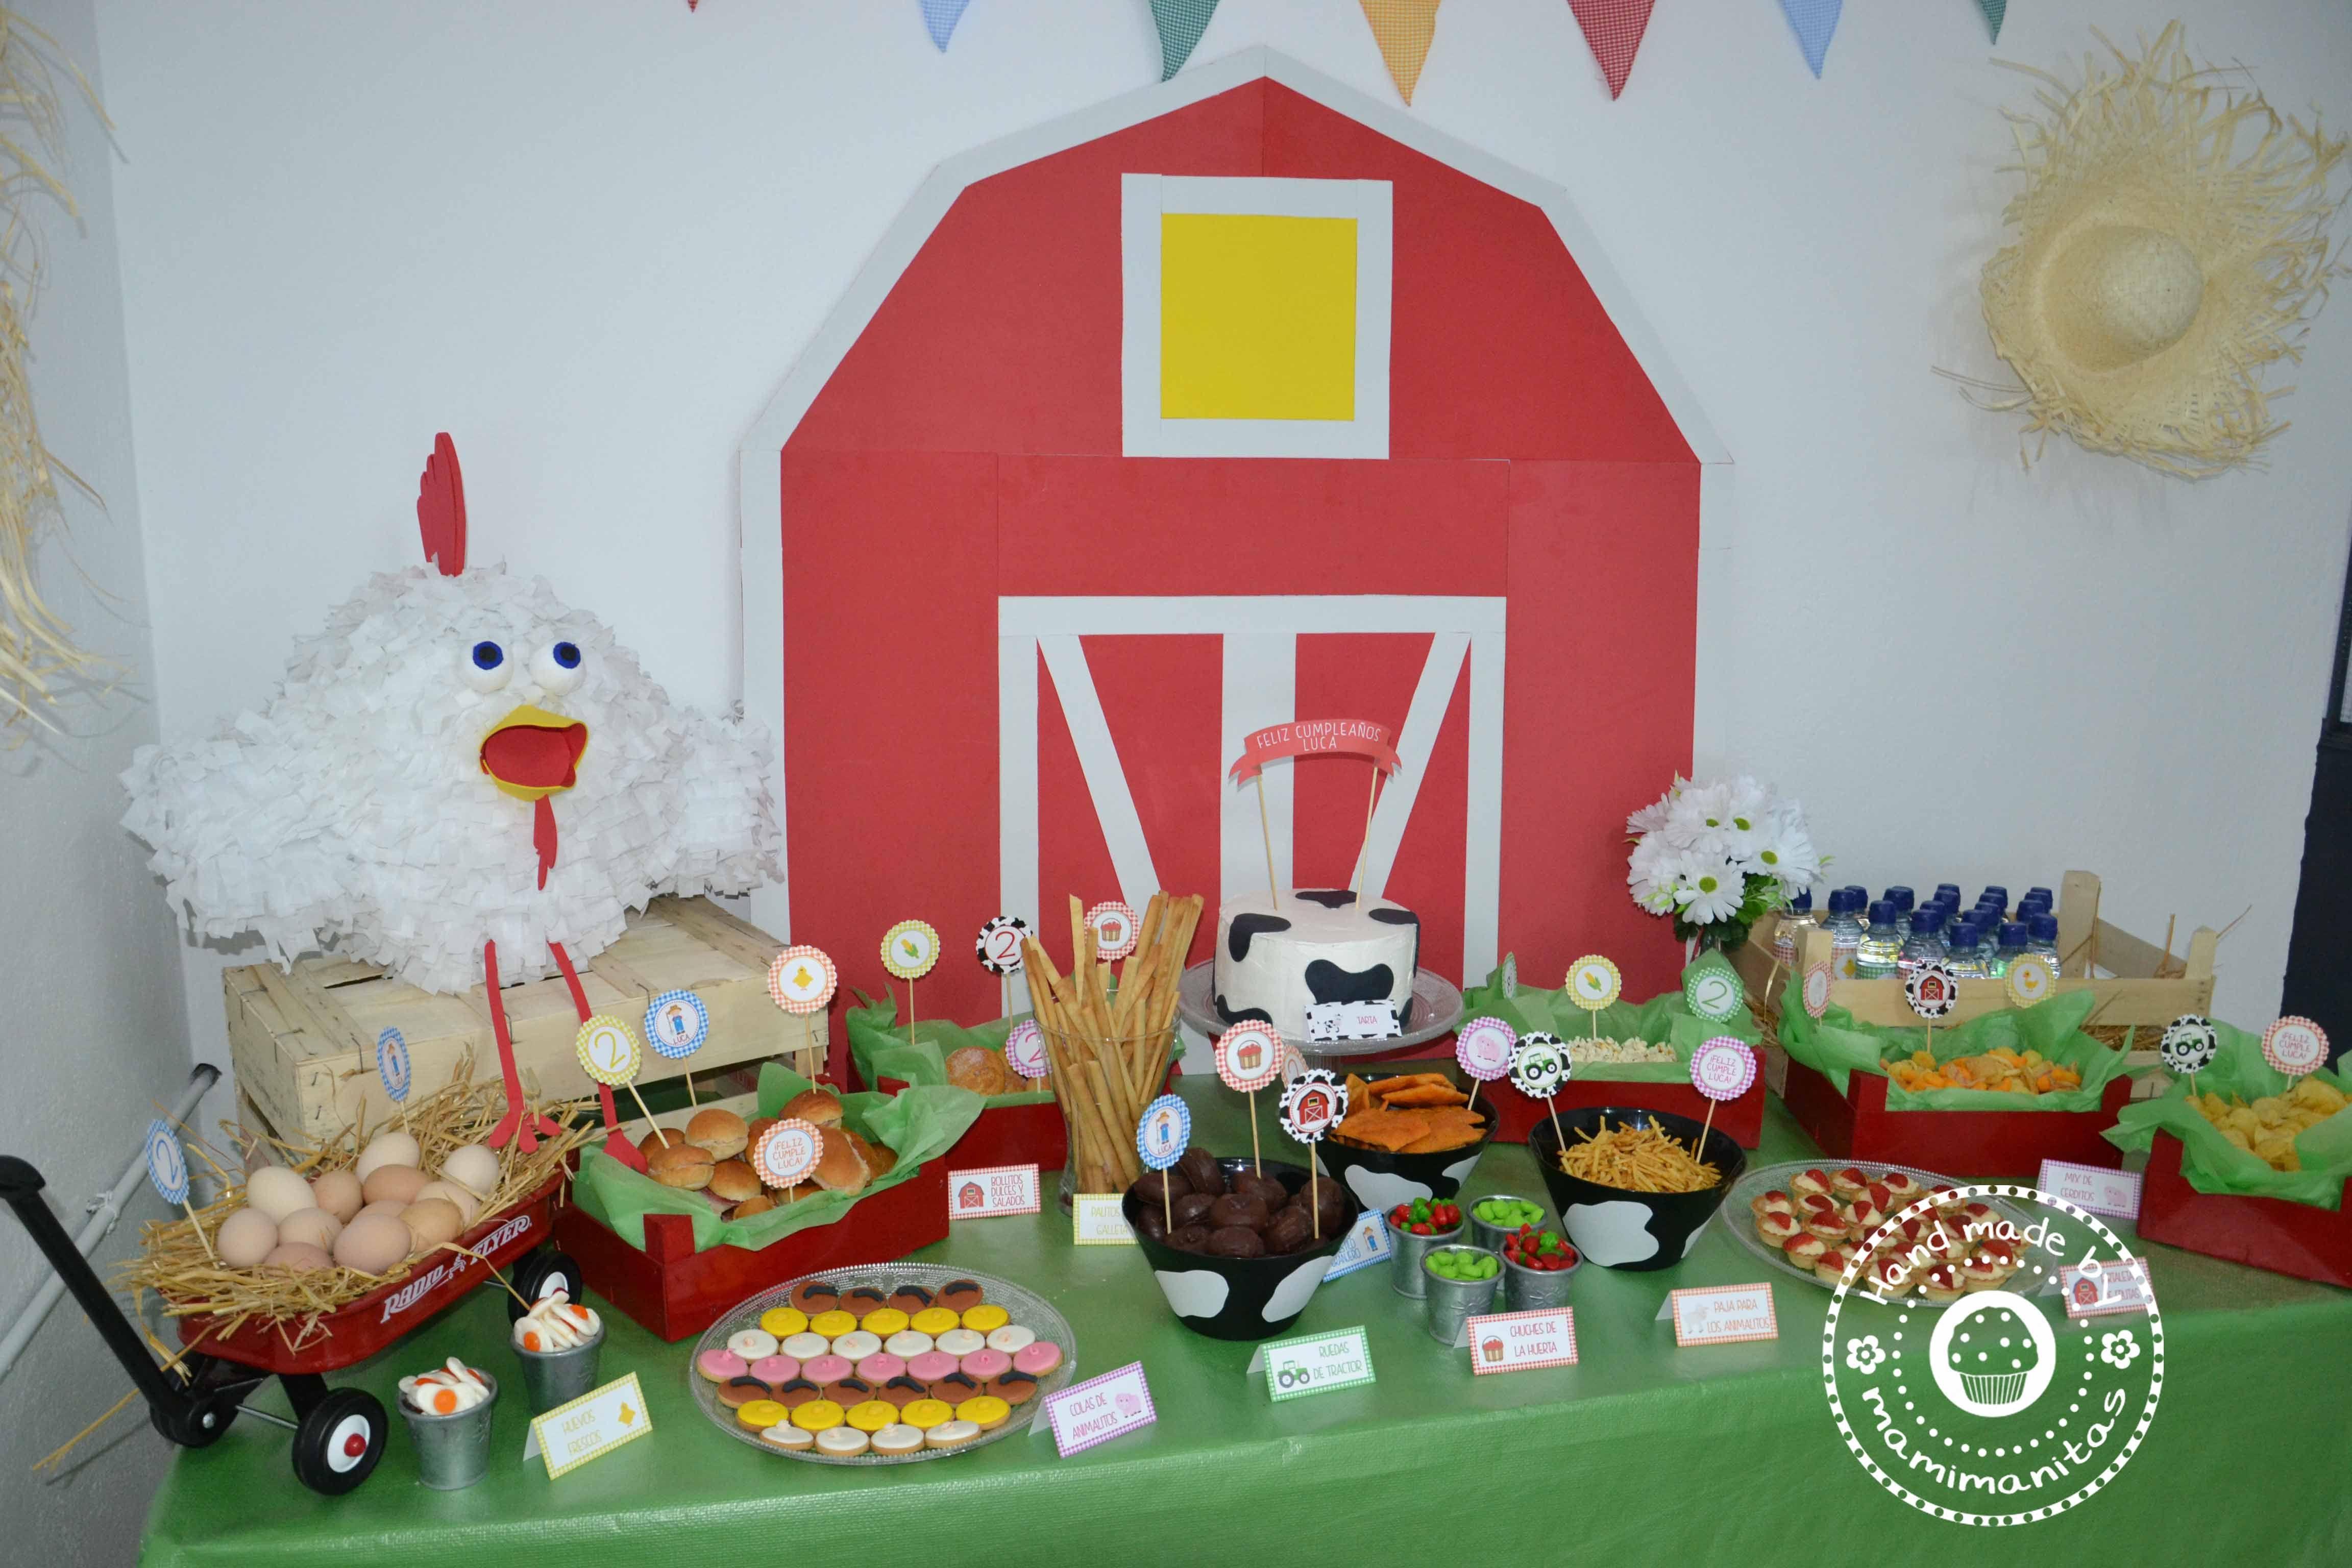 Tarjetas De Cumpleaños La Granja Para Regalar 9 en HD Gratis Cumpleaños infantiles Fiesta de